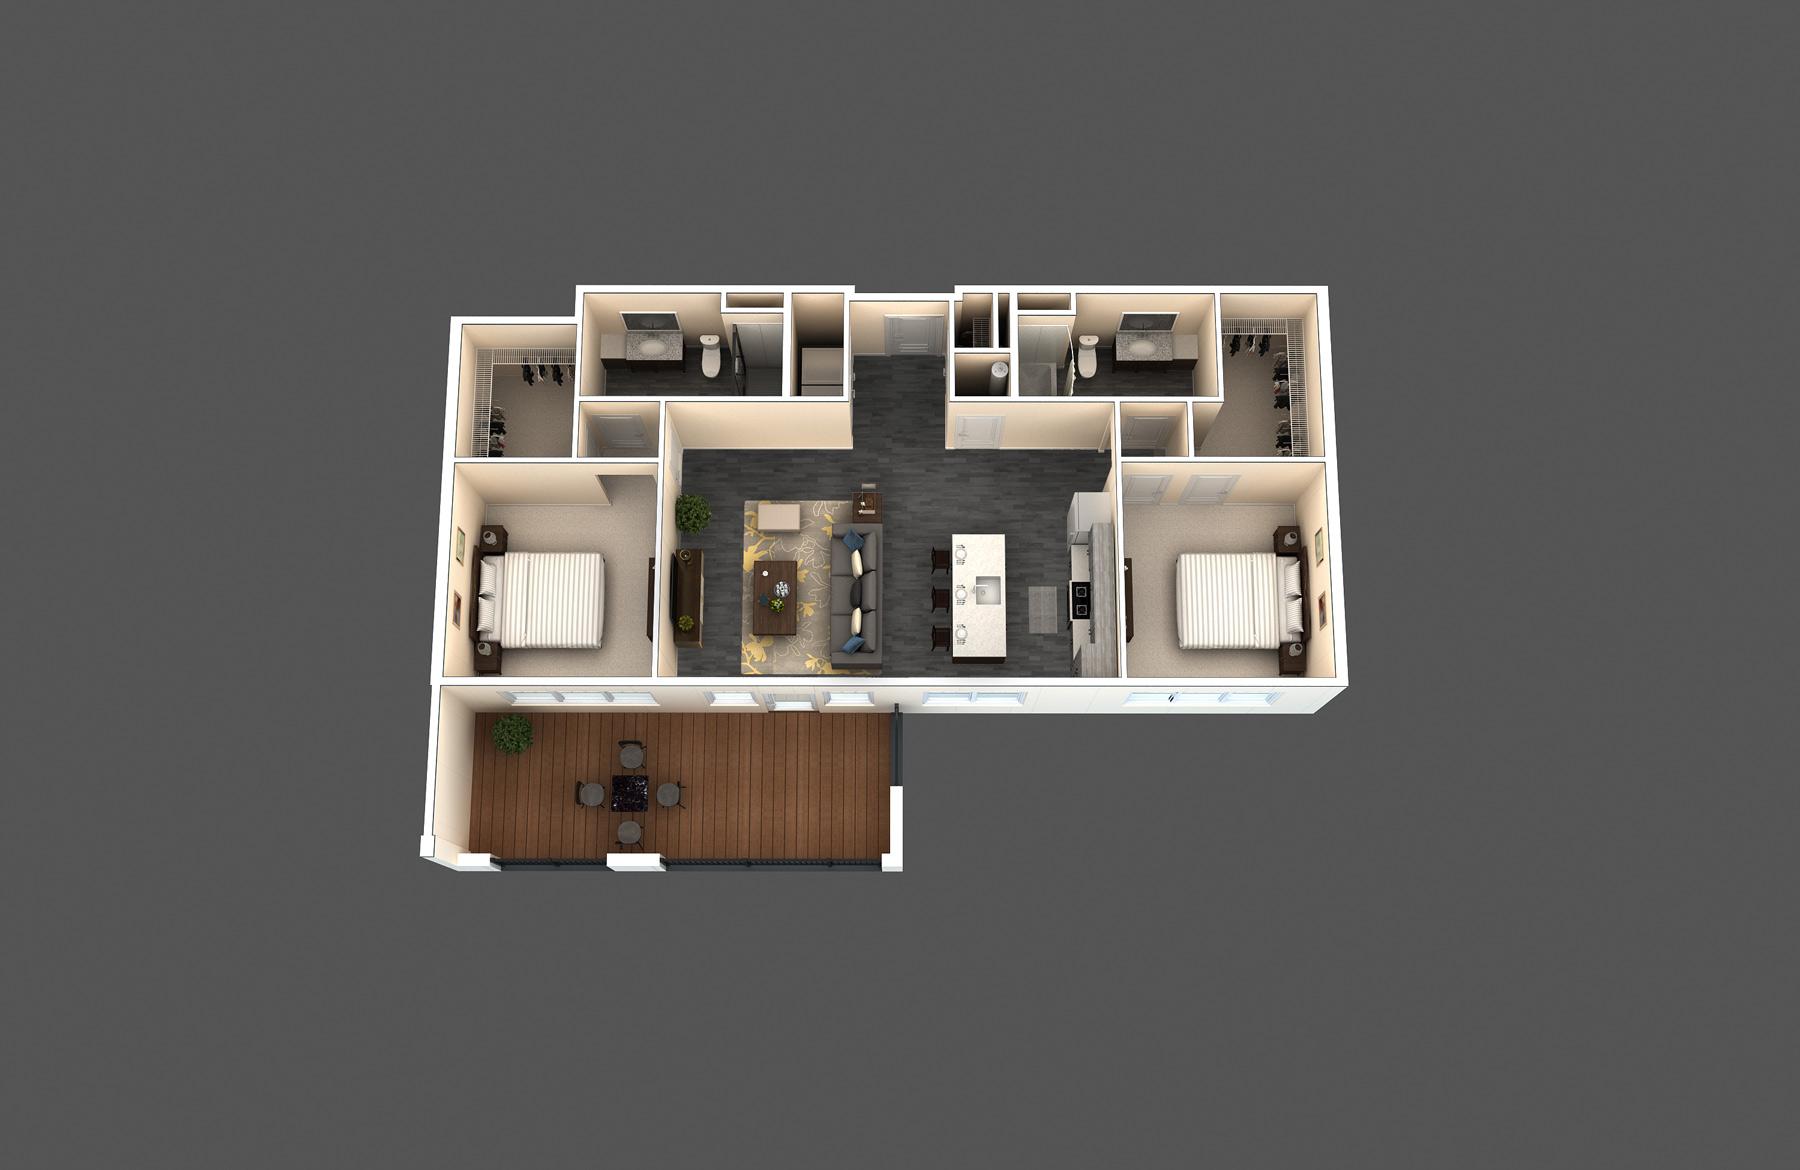 The Bodega floor plan